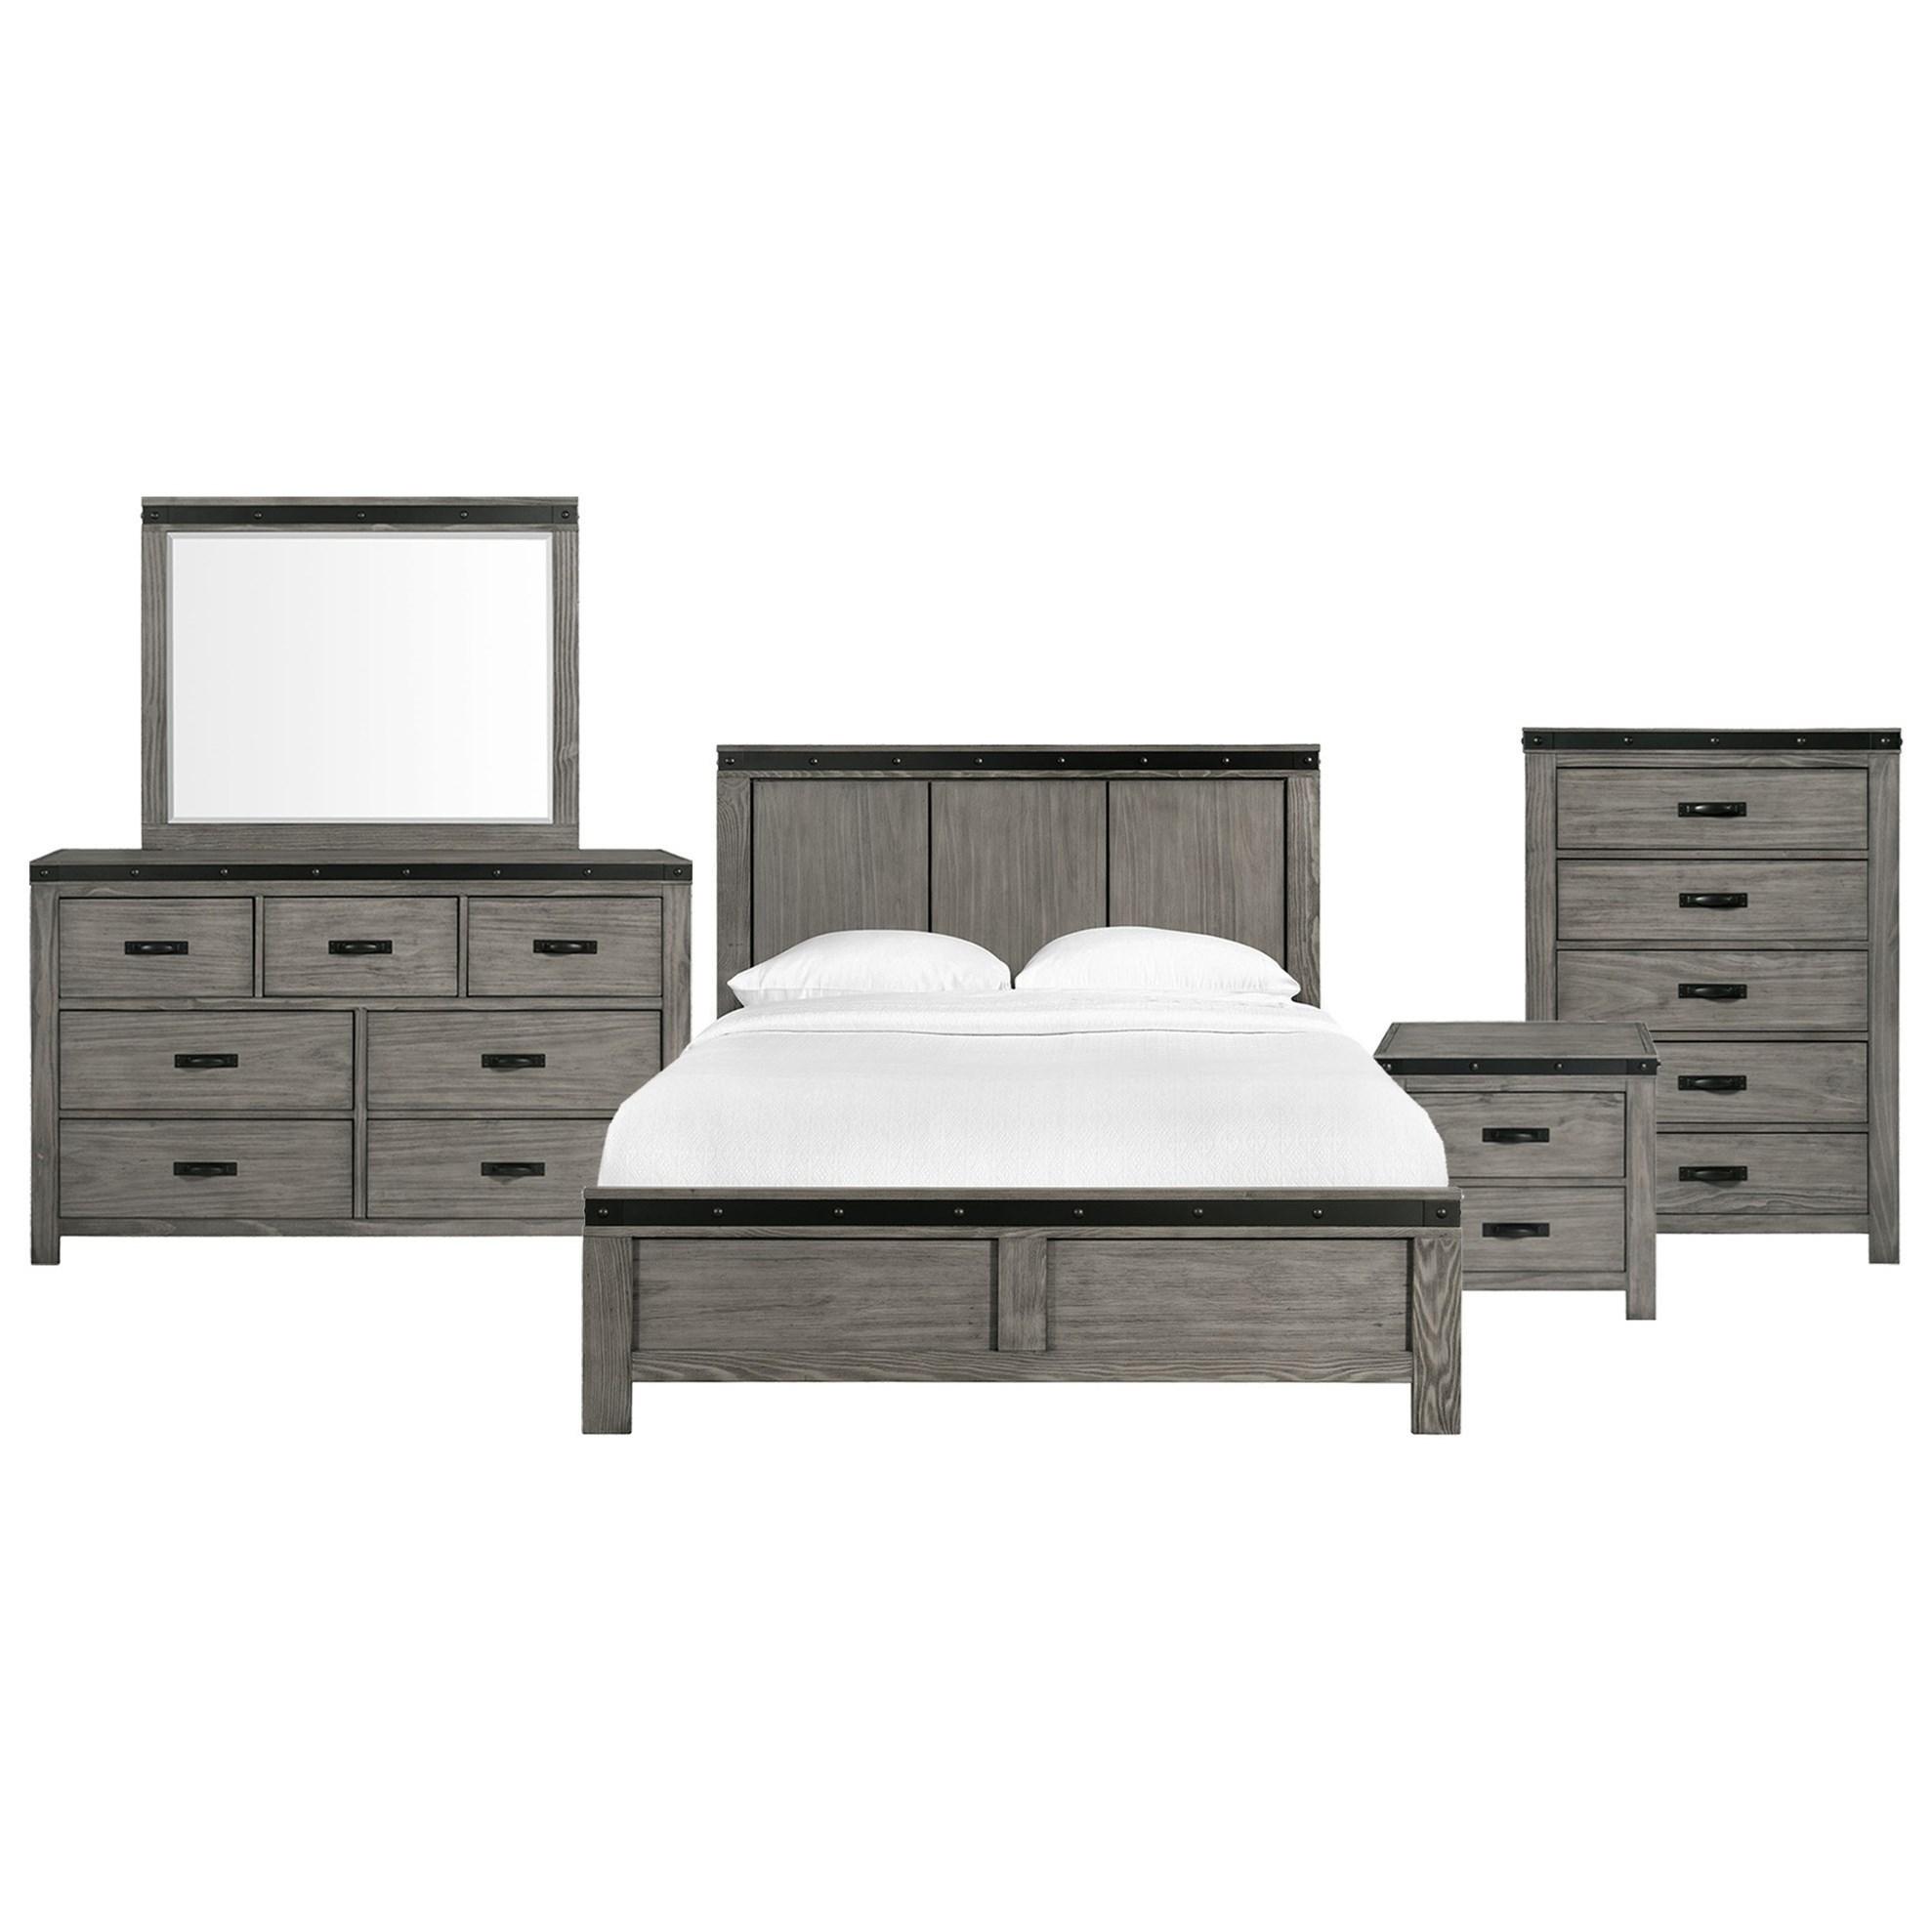 Wade King Panel 5 Piece Bedroom Set